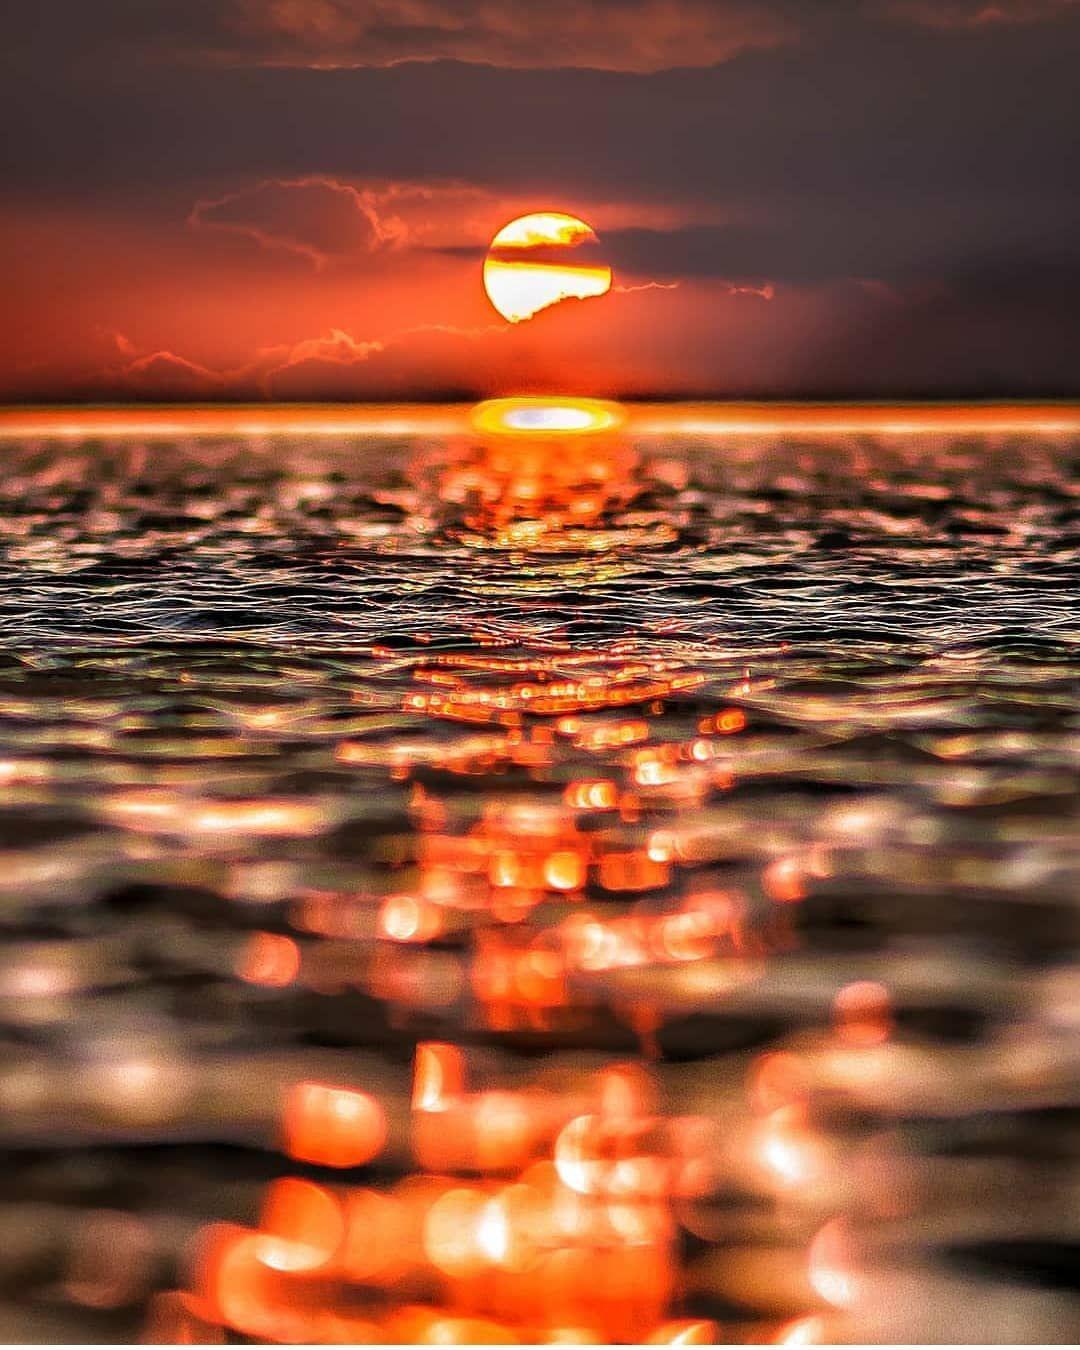 Nature Amazing Nature Nature Photos Awesome Nature Photos Beautiful Places Landscape Beautiful Sunset Wallpaper Sunset Photography Amazing Sunsets